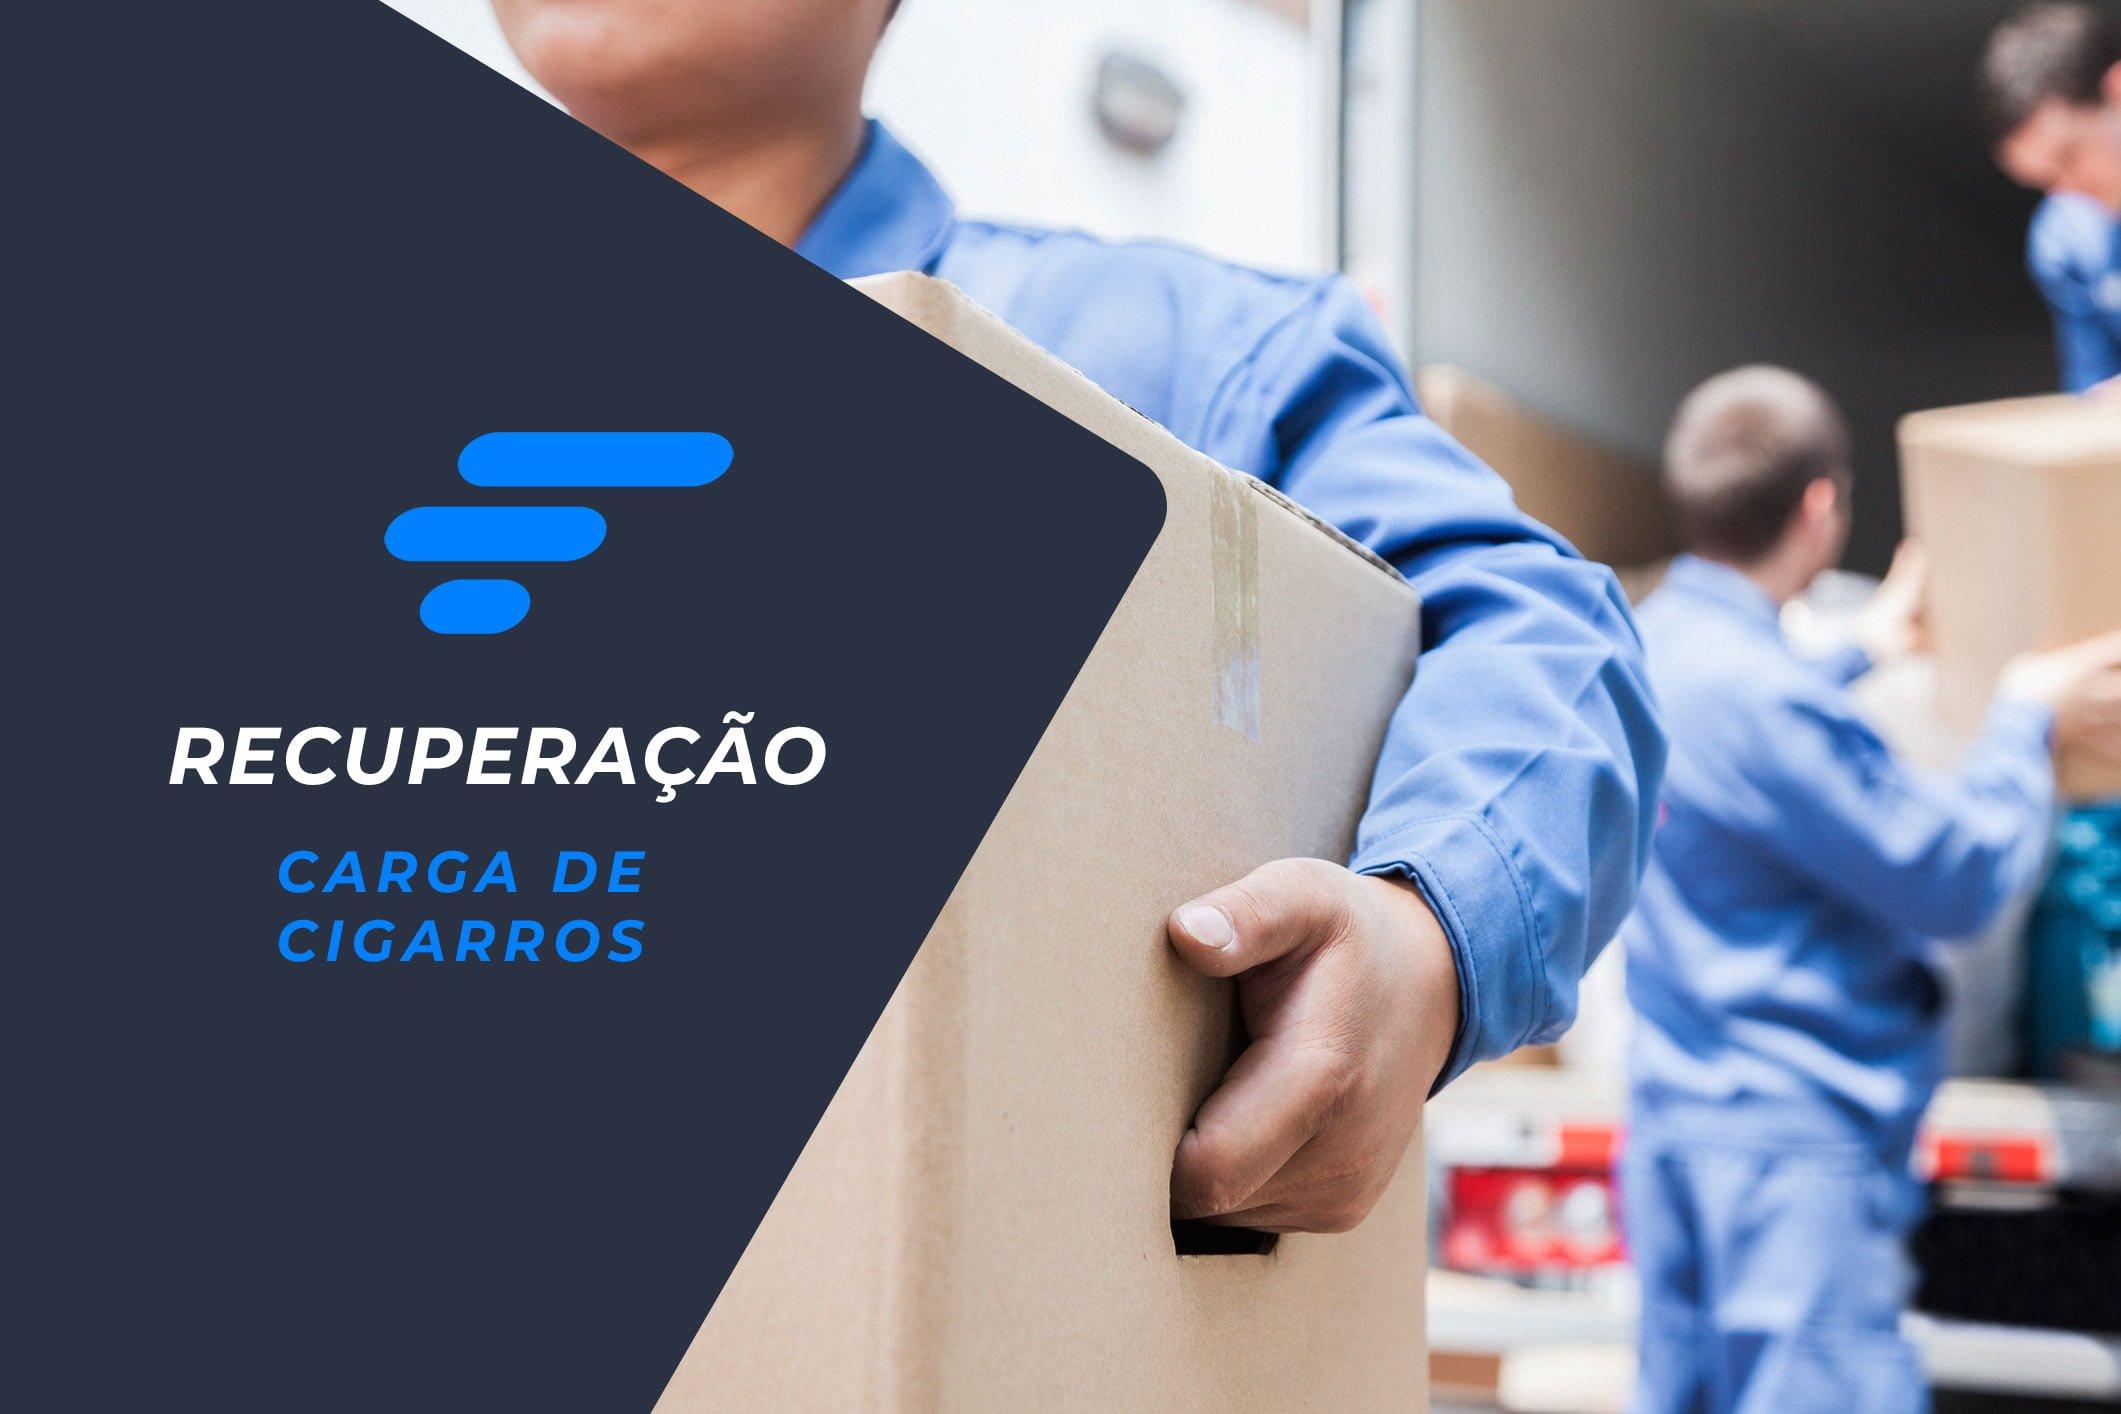 Operação da Skymark Gerenciadora de Risco recupera carga cigarros em São Paulo